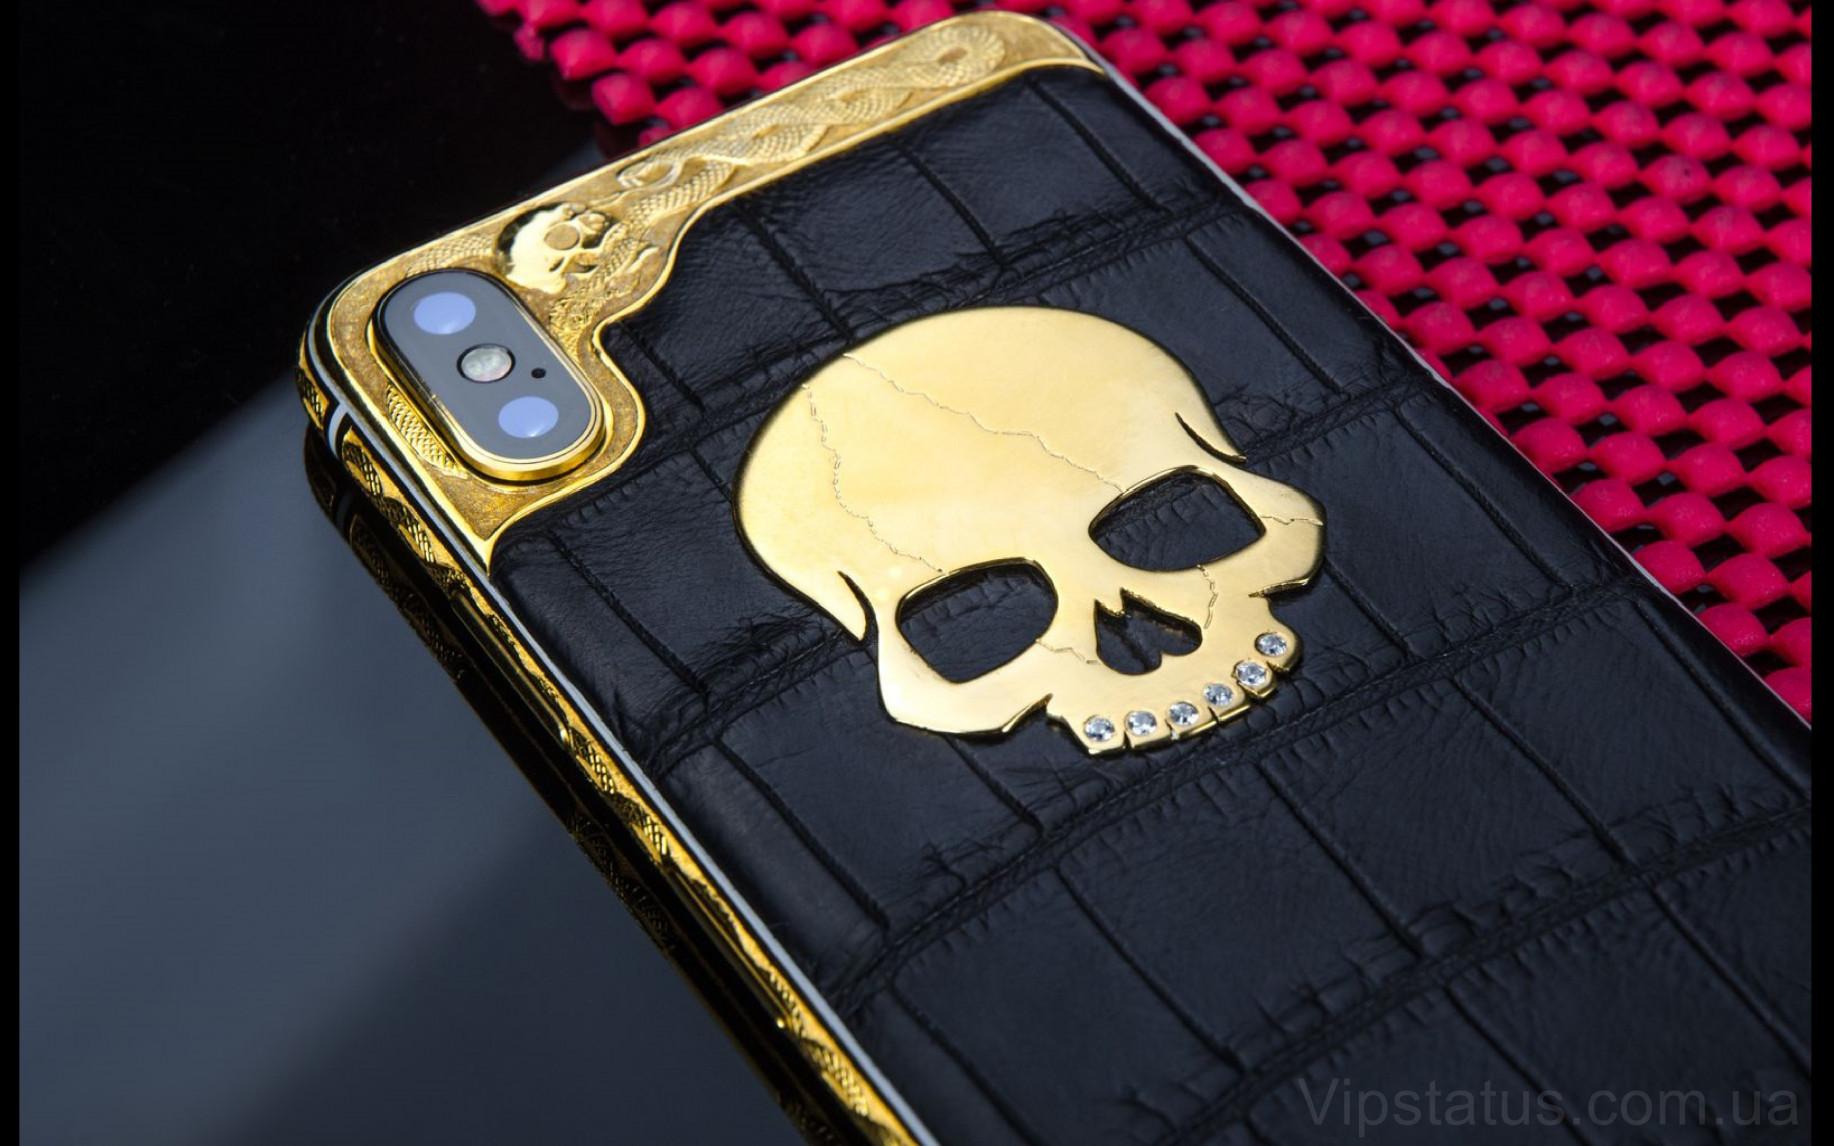 Elite Night Horror IPHONE 11 PRO MAX 512 GB Night Horror IPHONE 11 PRO MAX 512 GB image 11